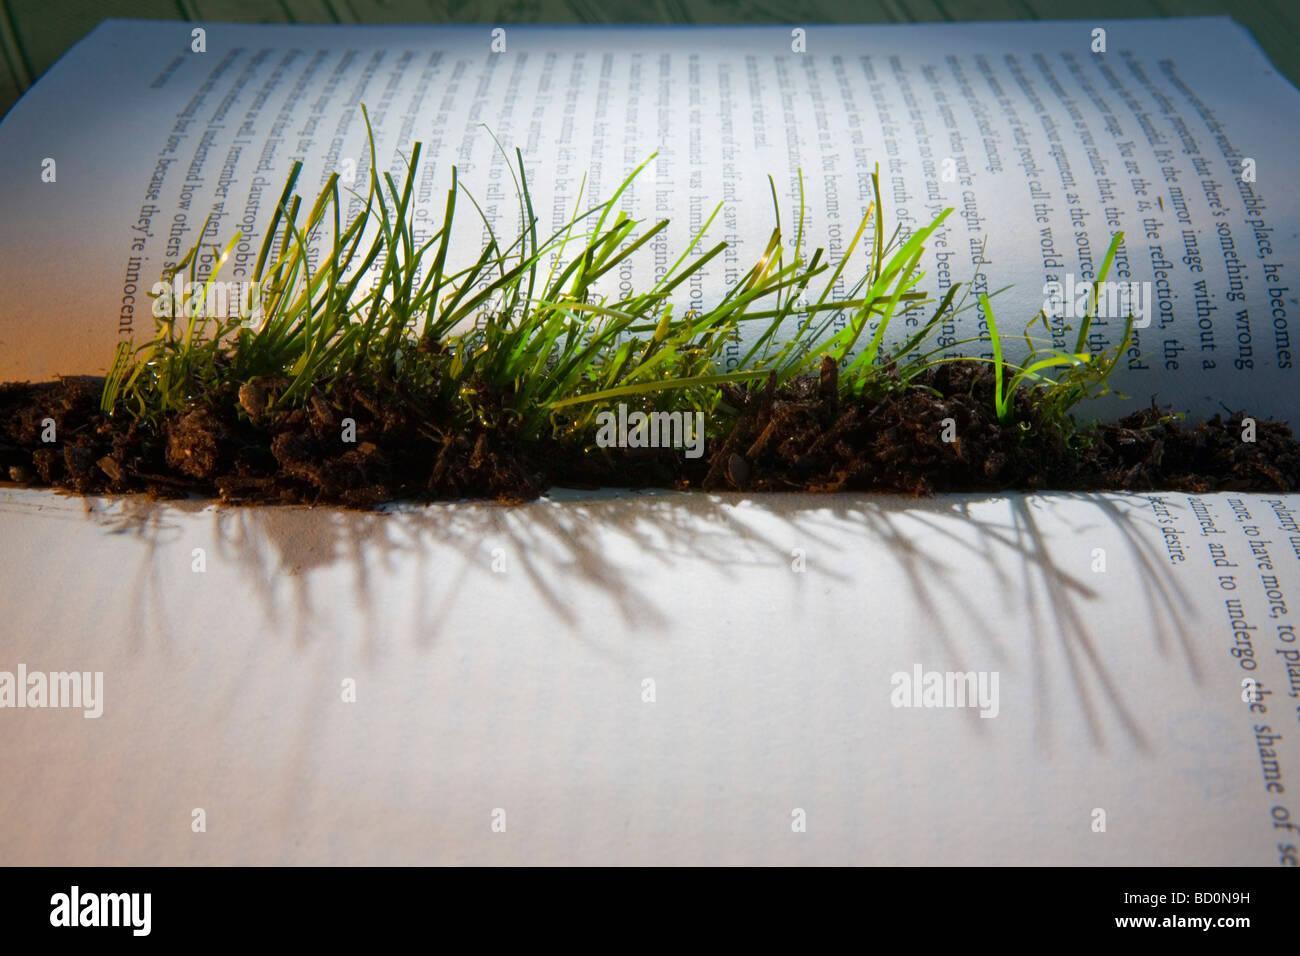 Grass sprießen aus inneren des Buches Stockbild